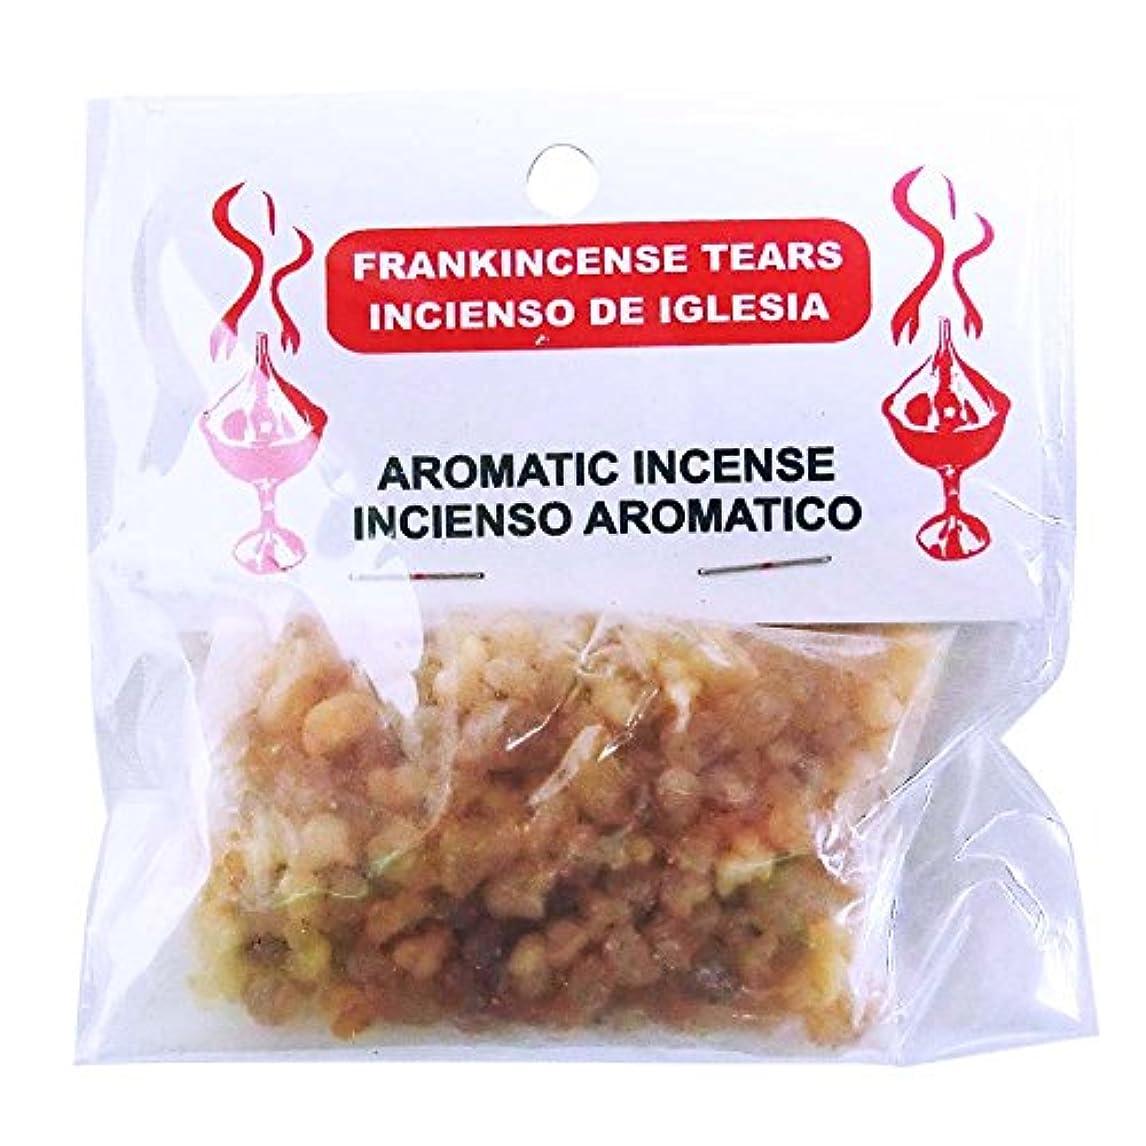 モナリザ迅速軽蔑する3KINGS Resin Incense(ヨルダンの聖別香) Frankincense Tears